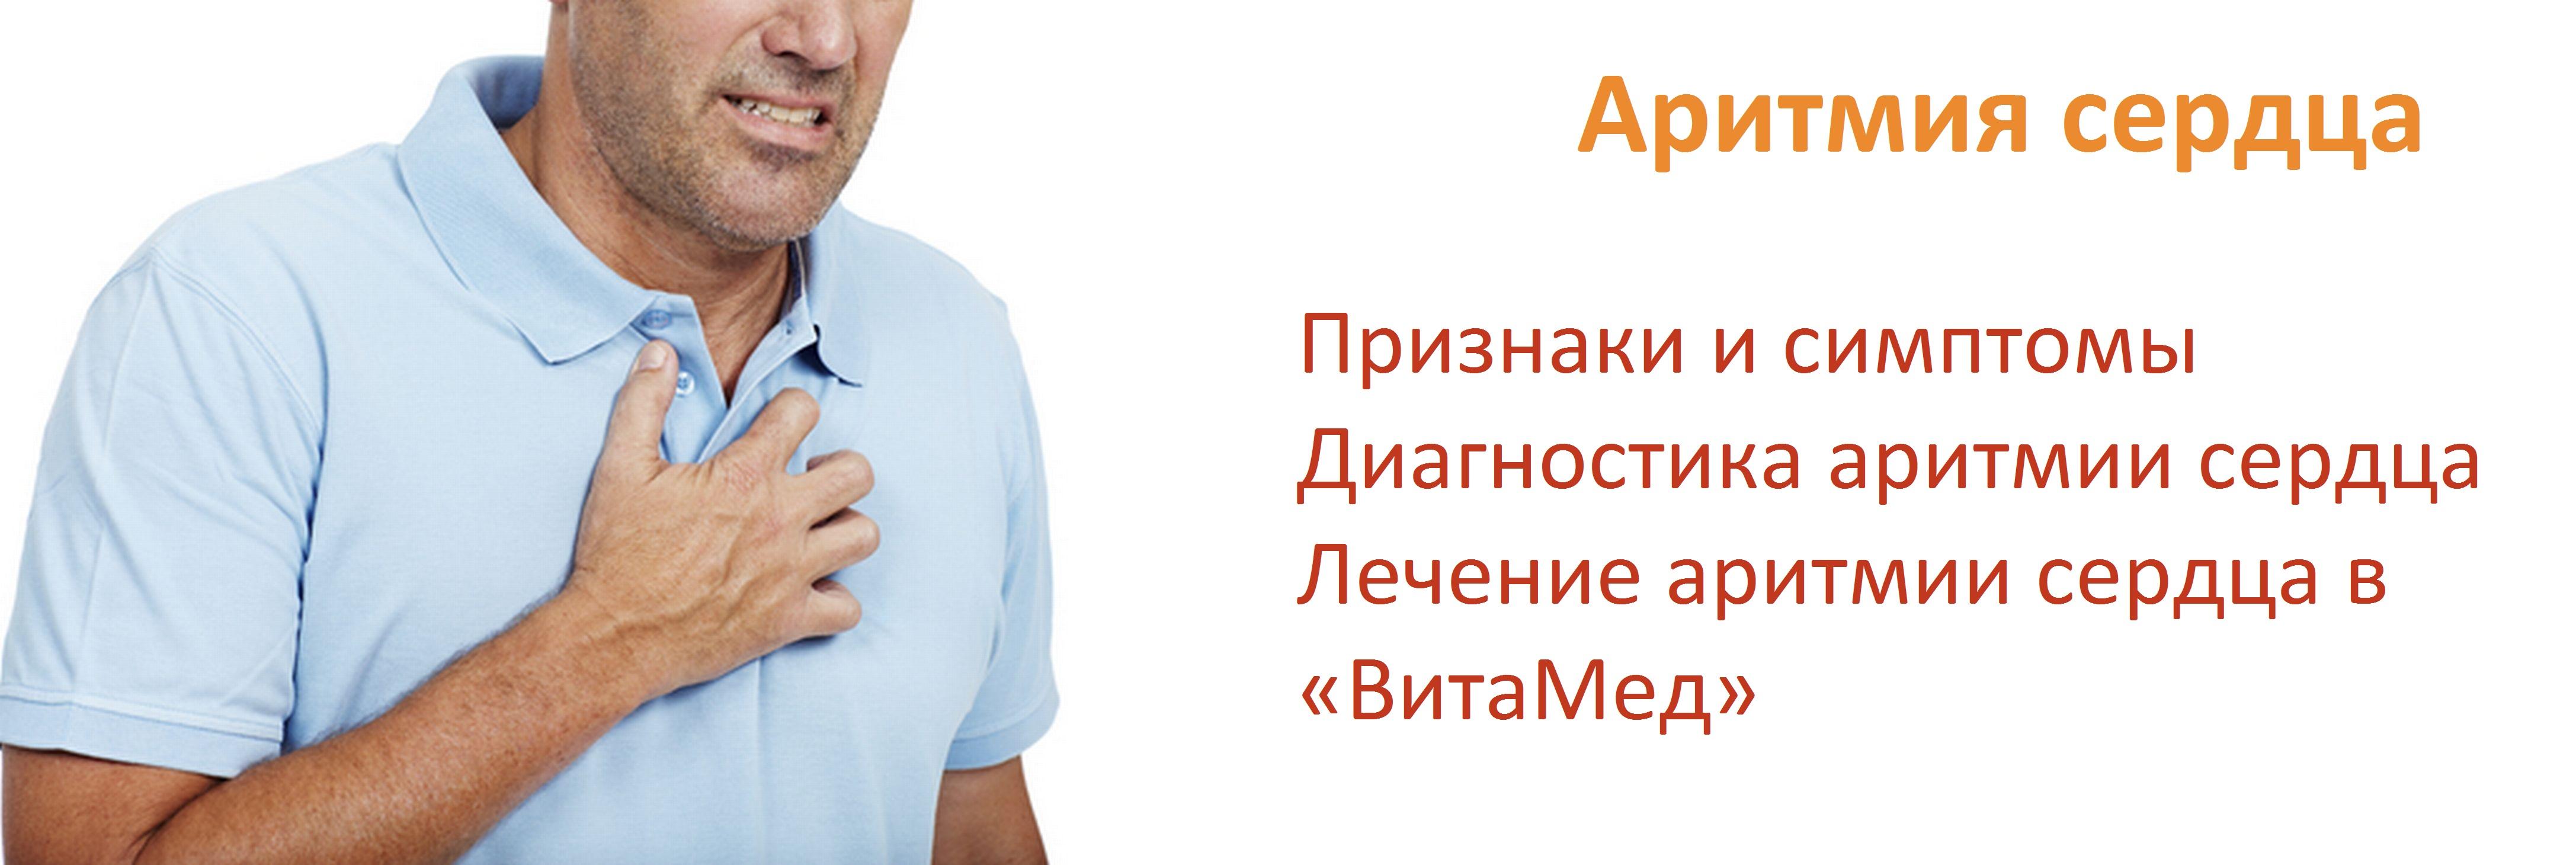 Аритмия сердца лечение, симптомы, причины. Цены на диагностику и ...